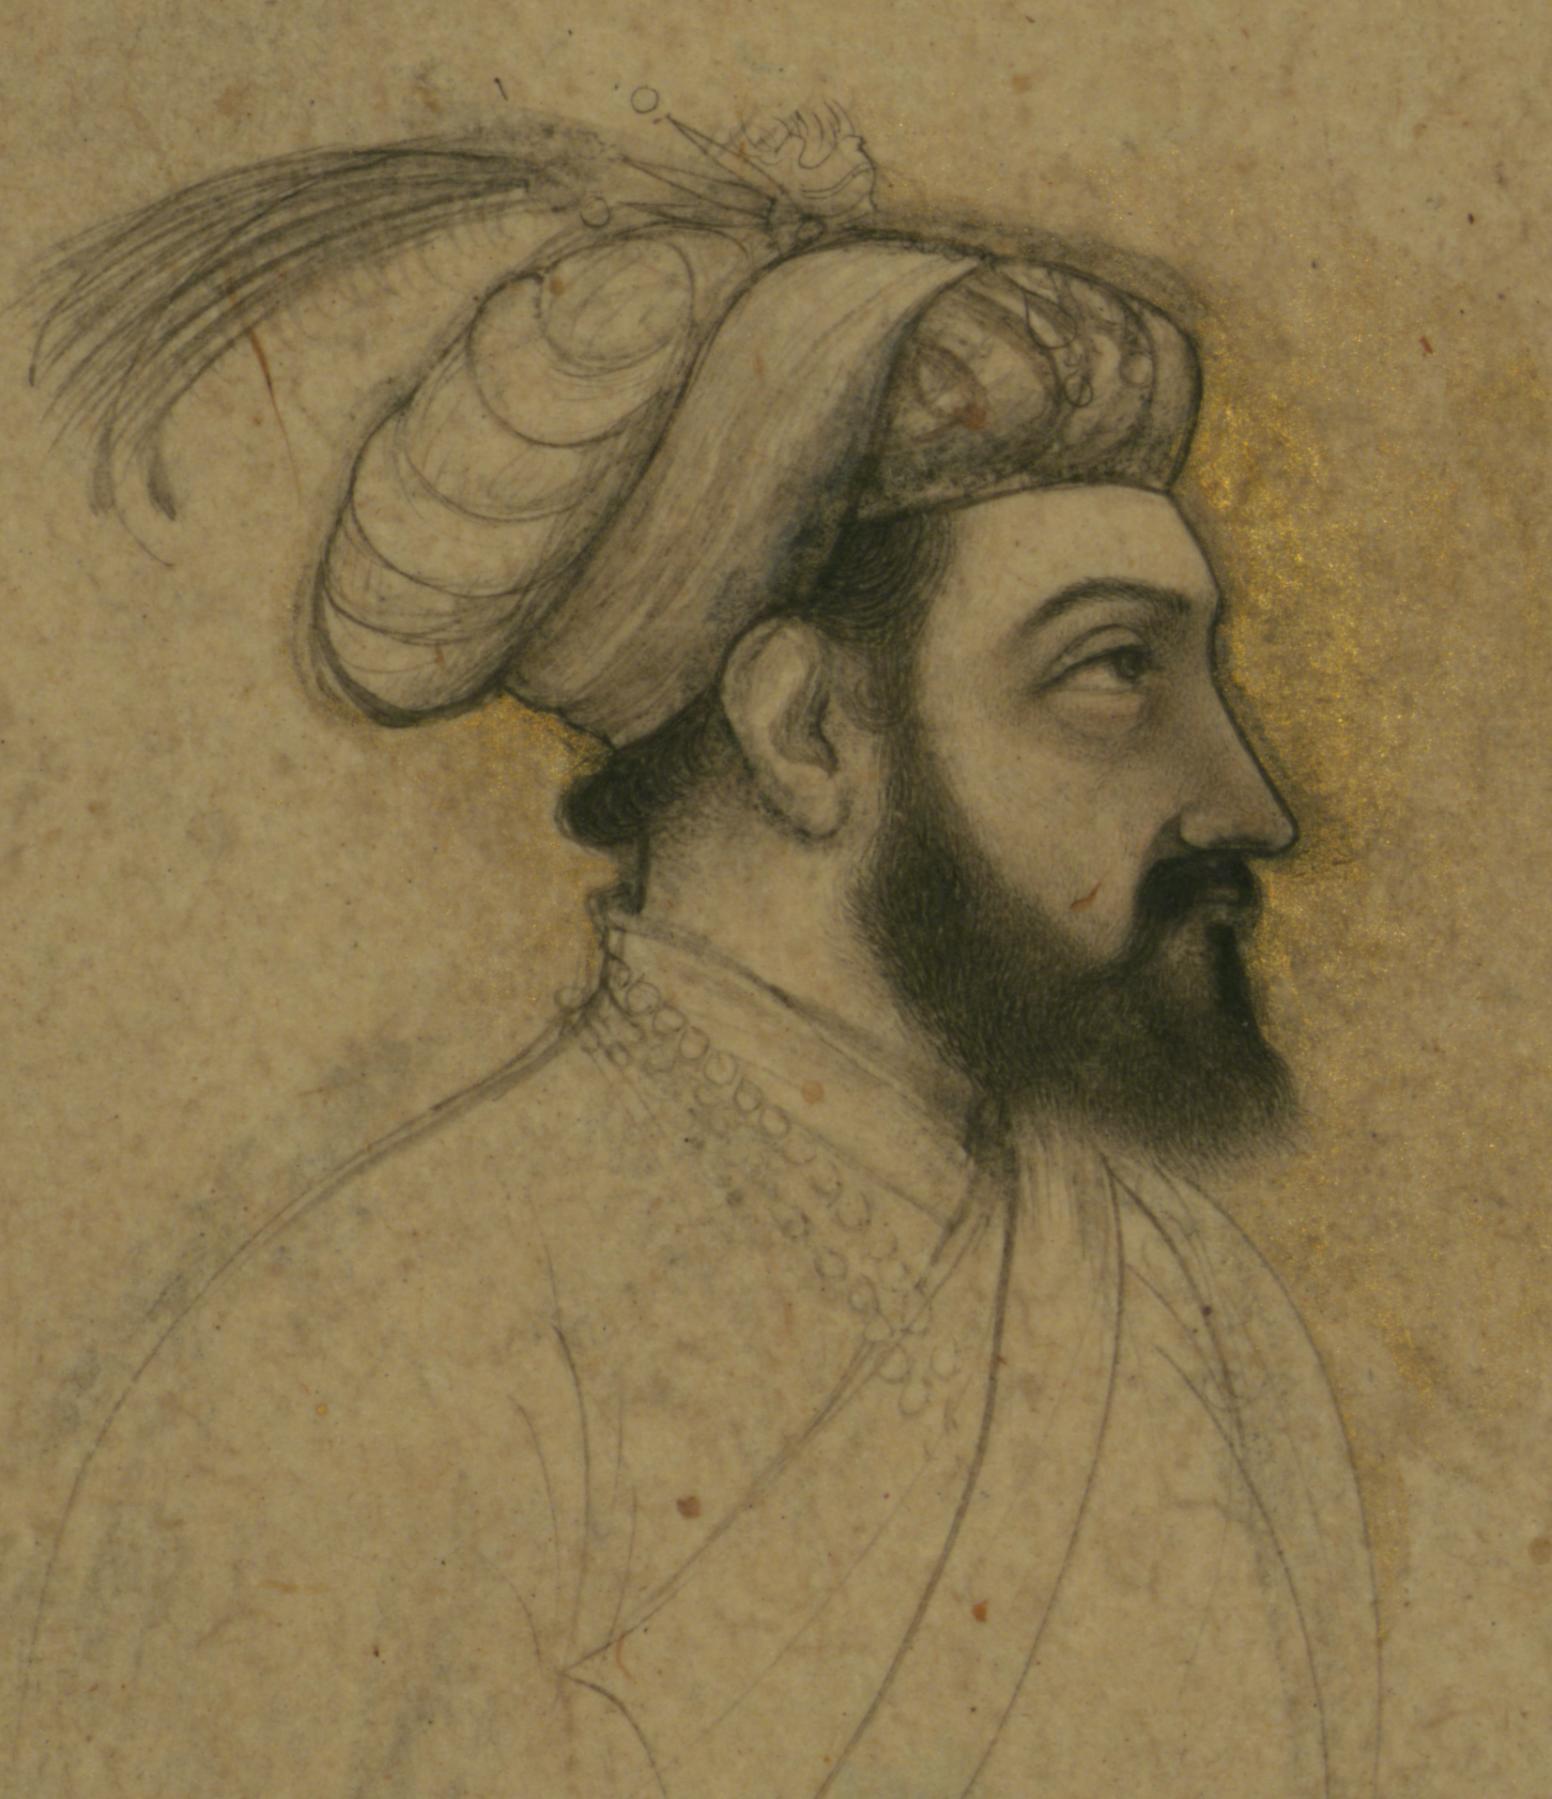 Porträt Schâh Dschahâns (Public Domain)